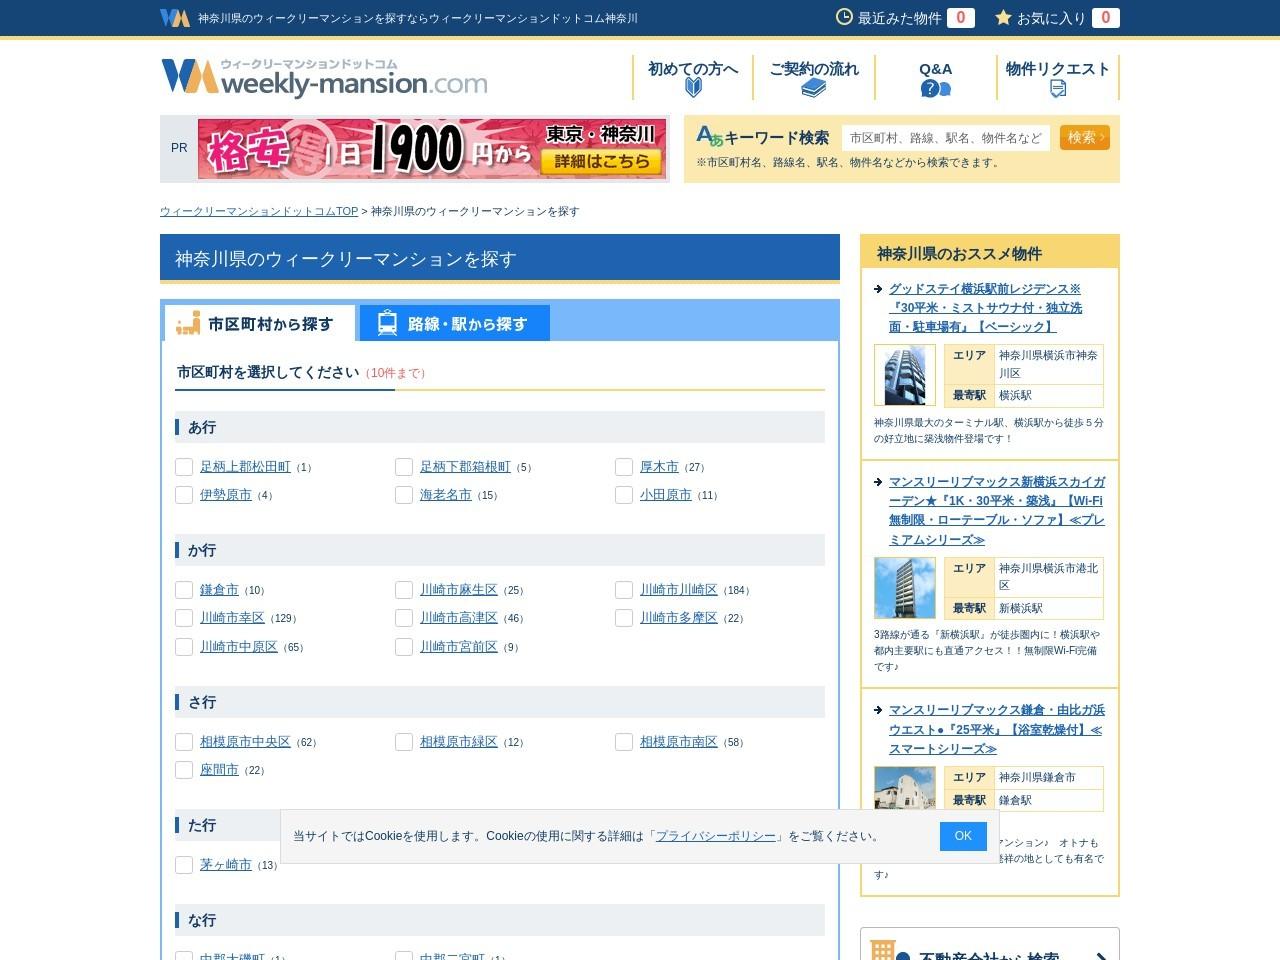 ウィークリーマンションドットコム神奈川